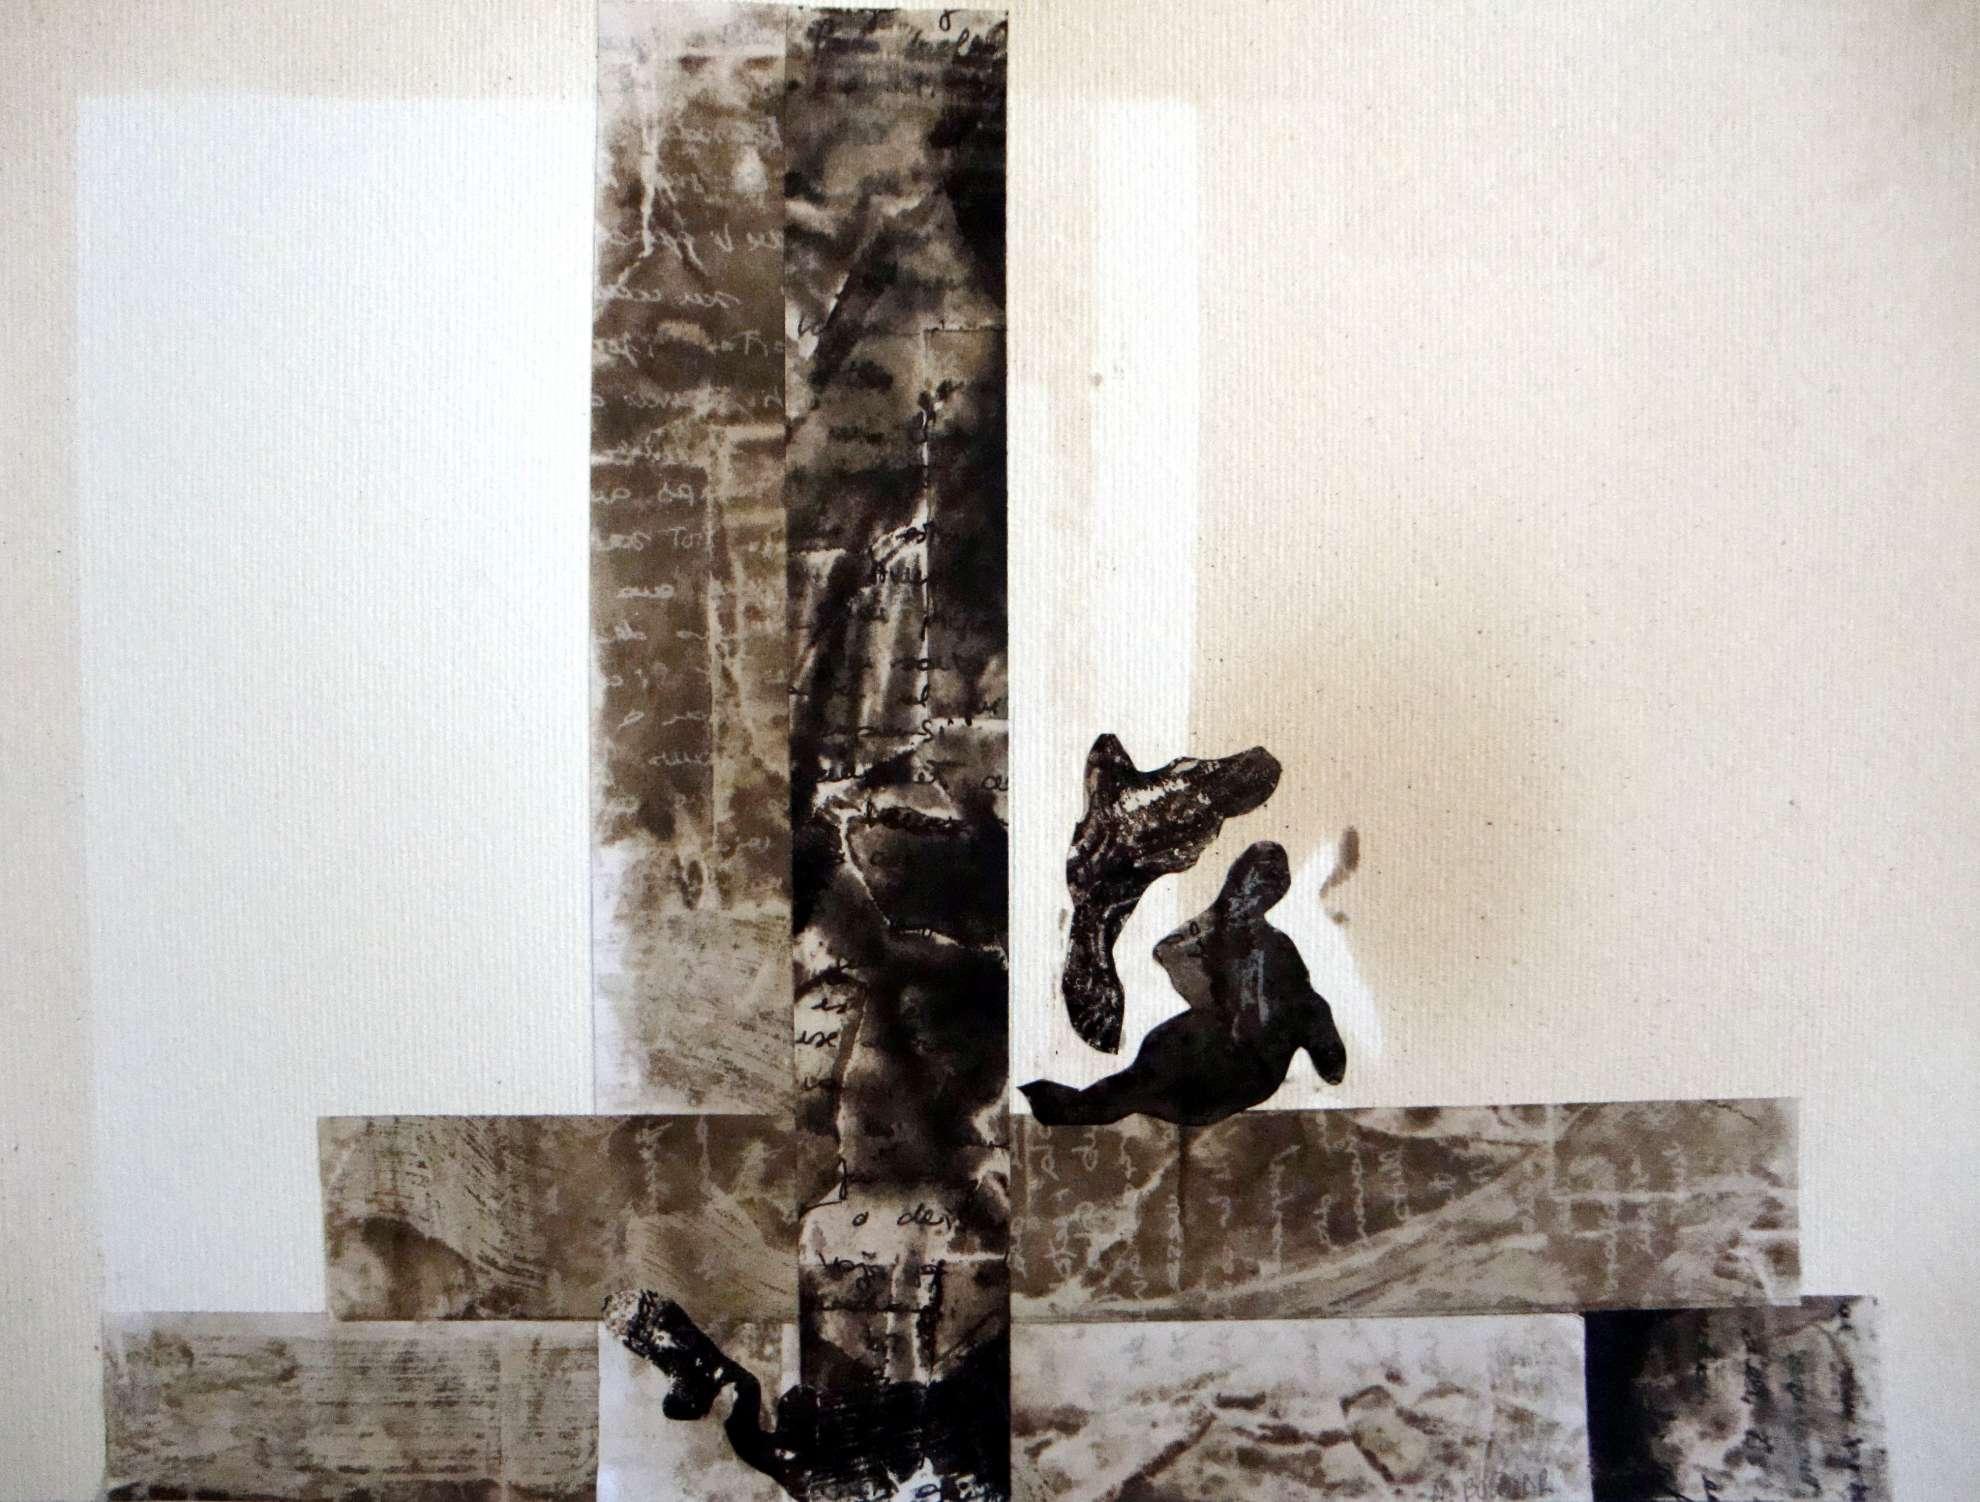 Descomposició de columnes